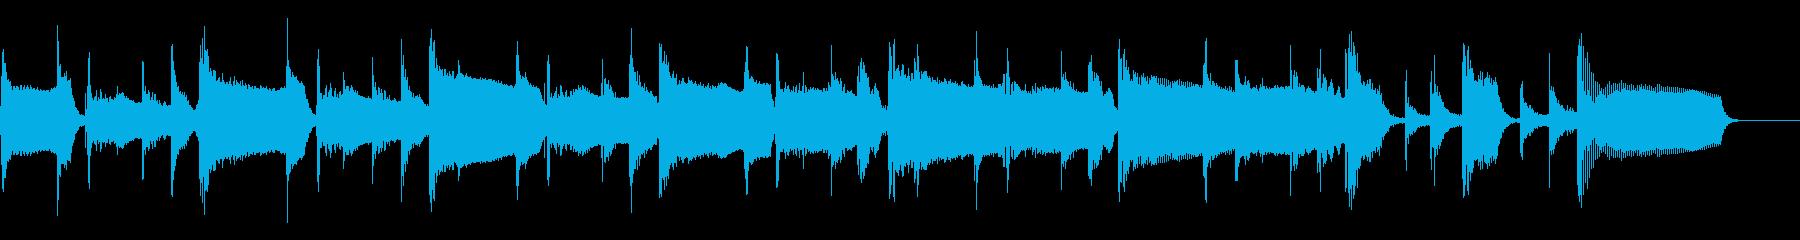 2、中速テンポ、ベース、パーカッシ...の再生済みの波形